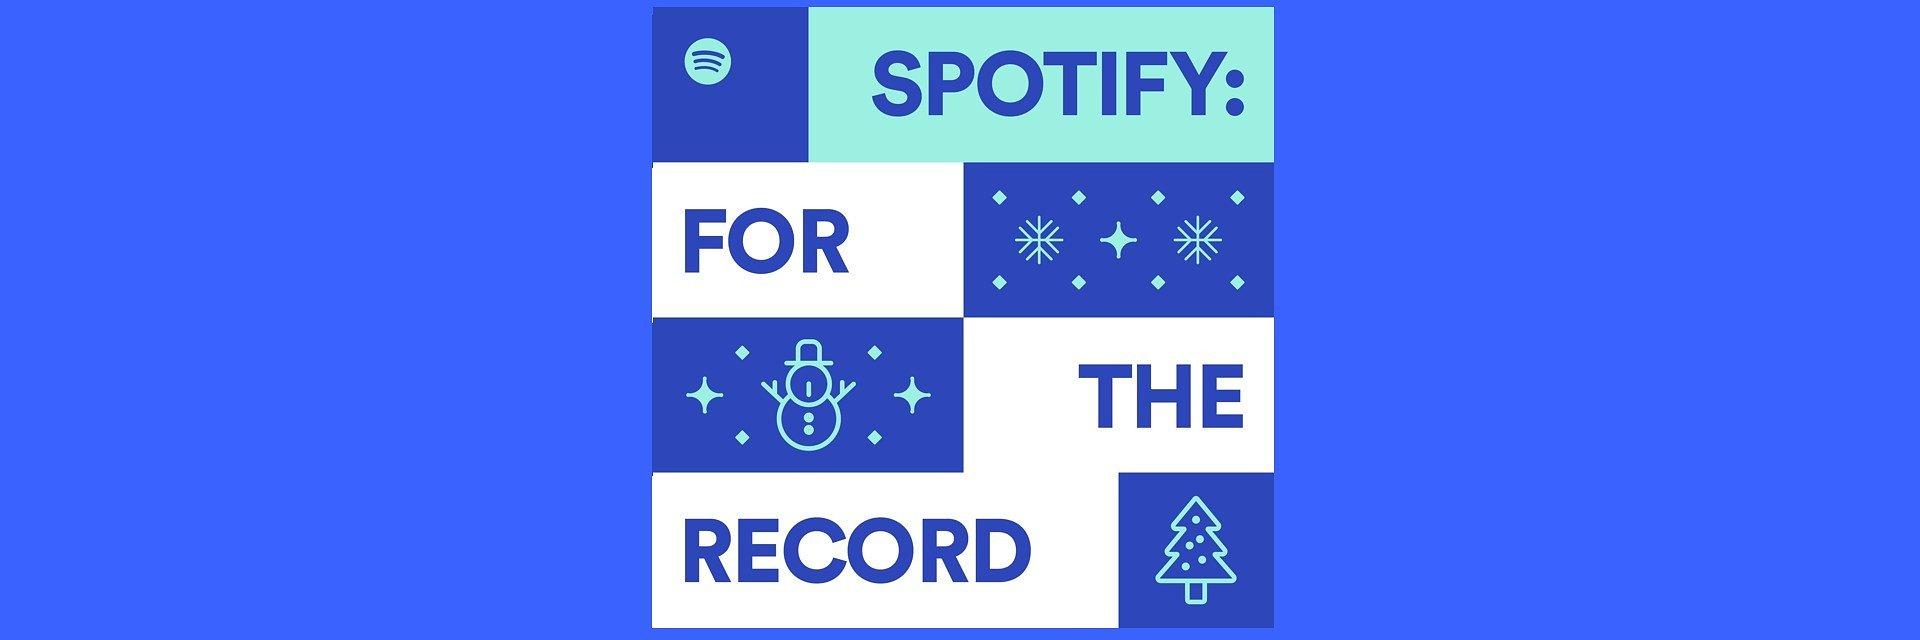 Świąteczne piosenki na Spotify słuchane wcześniej niż zazwyczaj